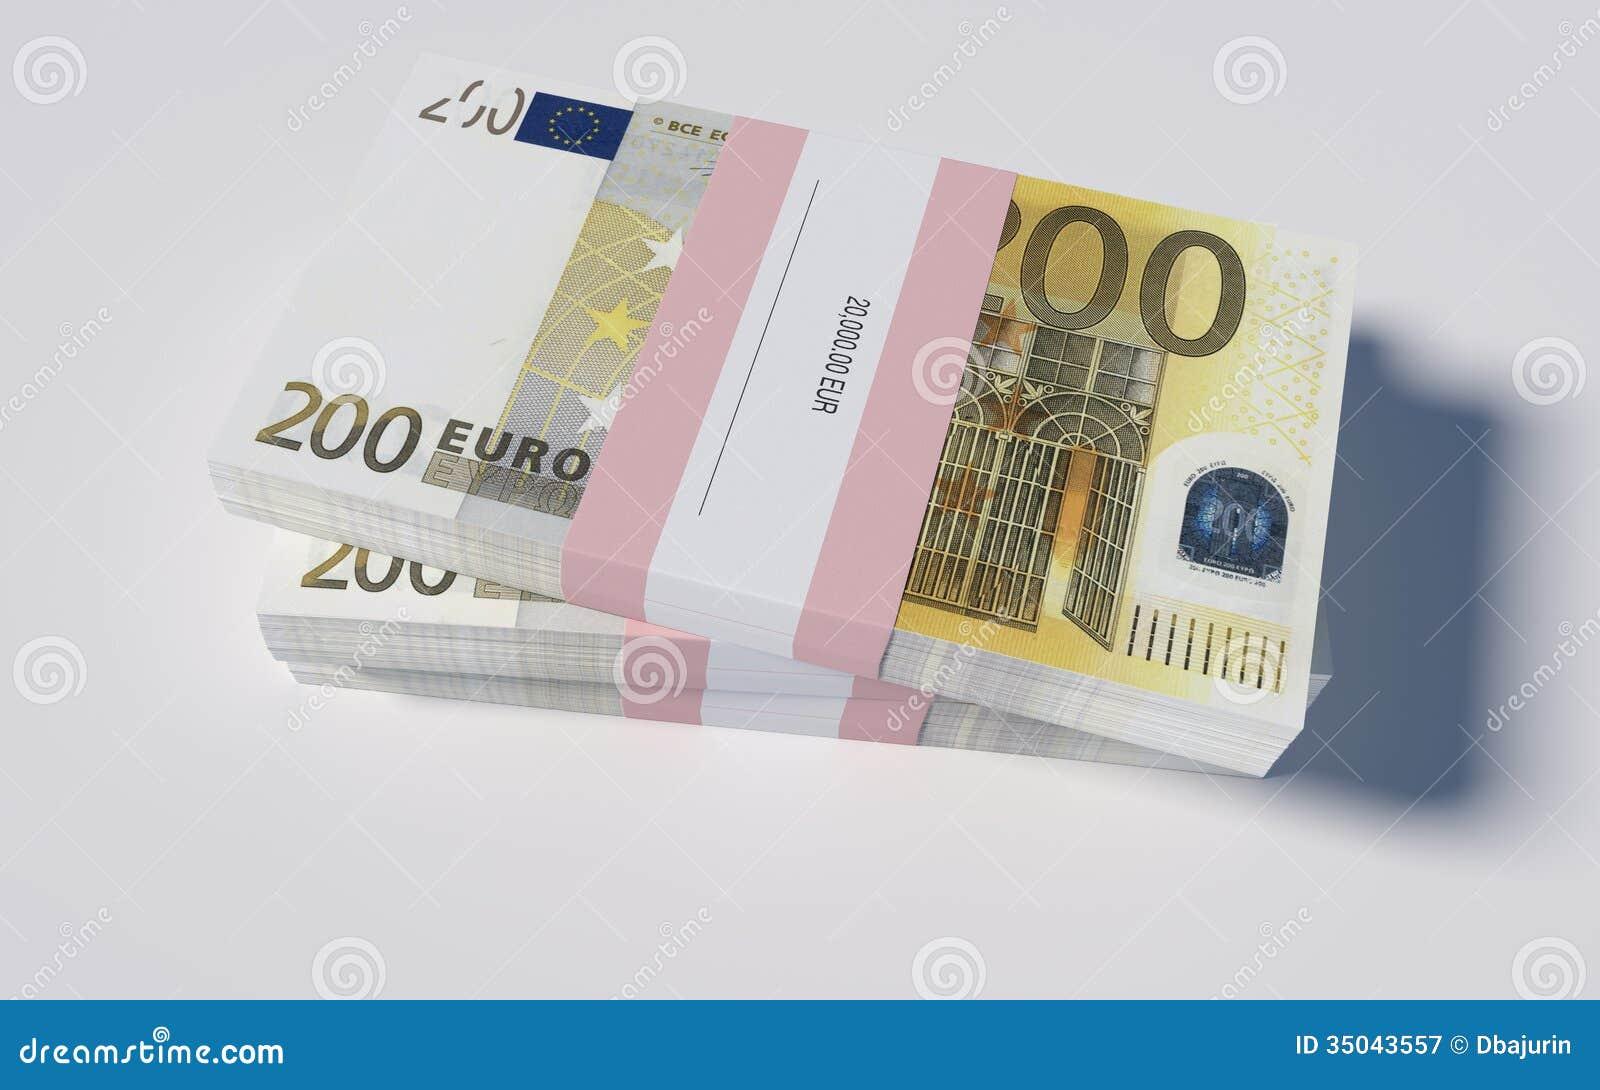 pakete von 200 euro scheinen lizenzfreie stockfotografie bild 35043557. Black Bedroom Furniture Sets. Home Design Ideas